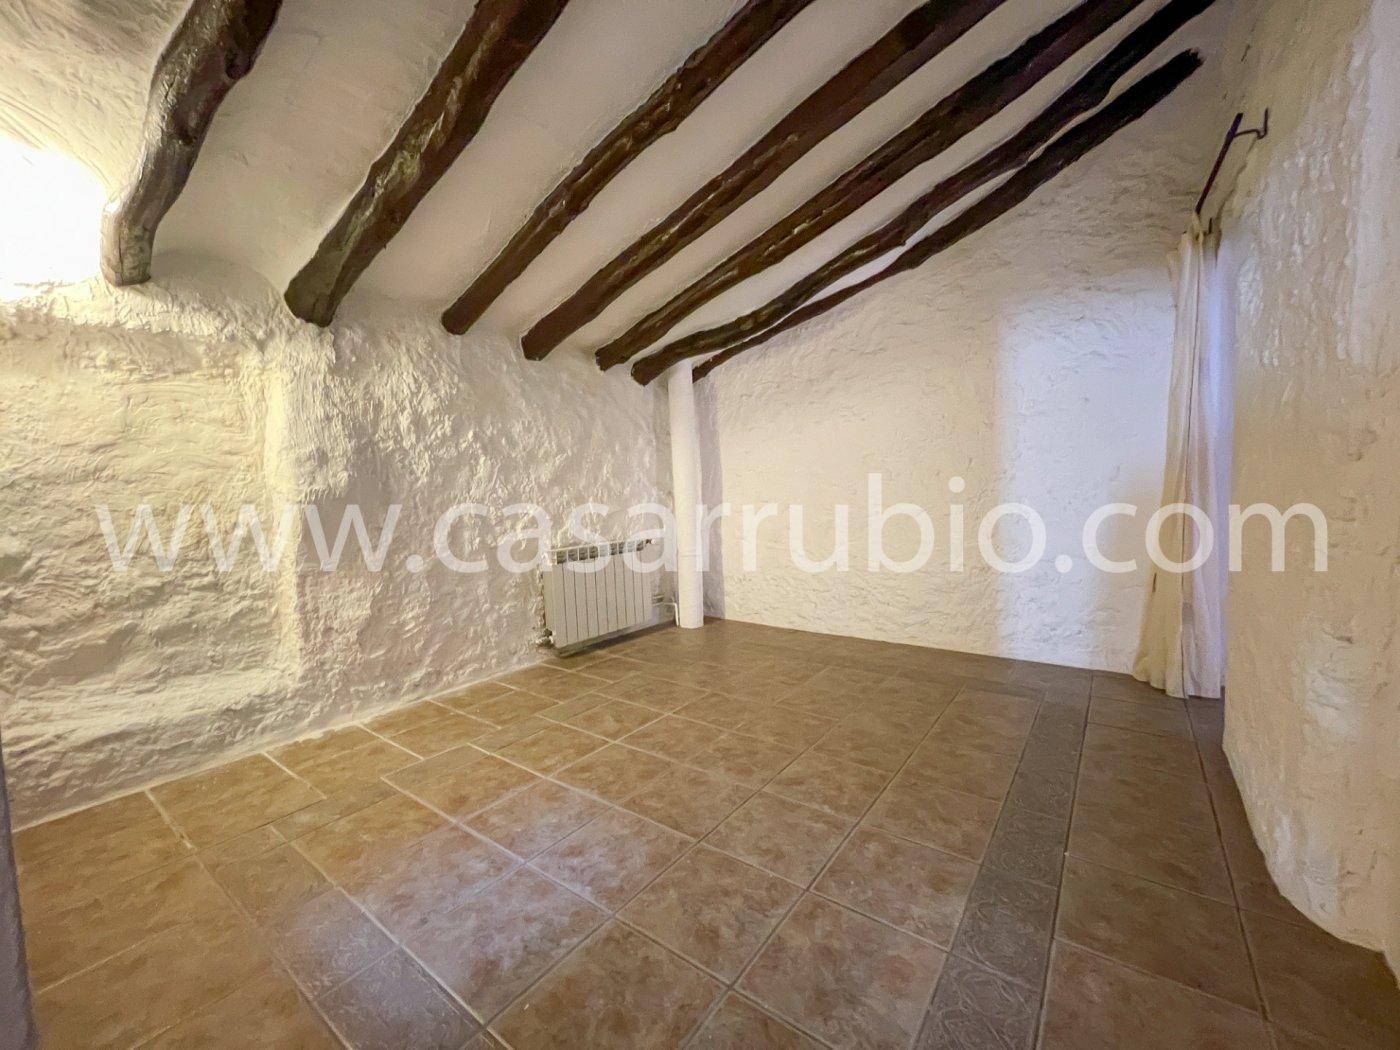 Estupenda casa reformada y con terraza en onil !! - imagenInmueble18